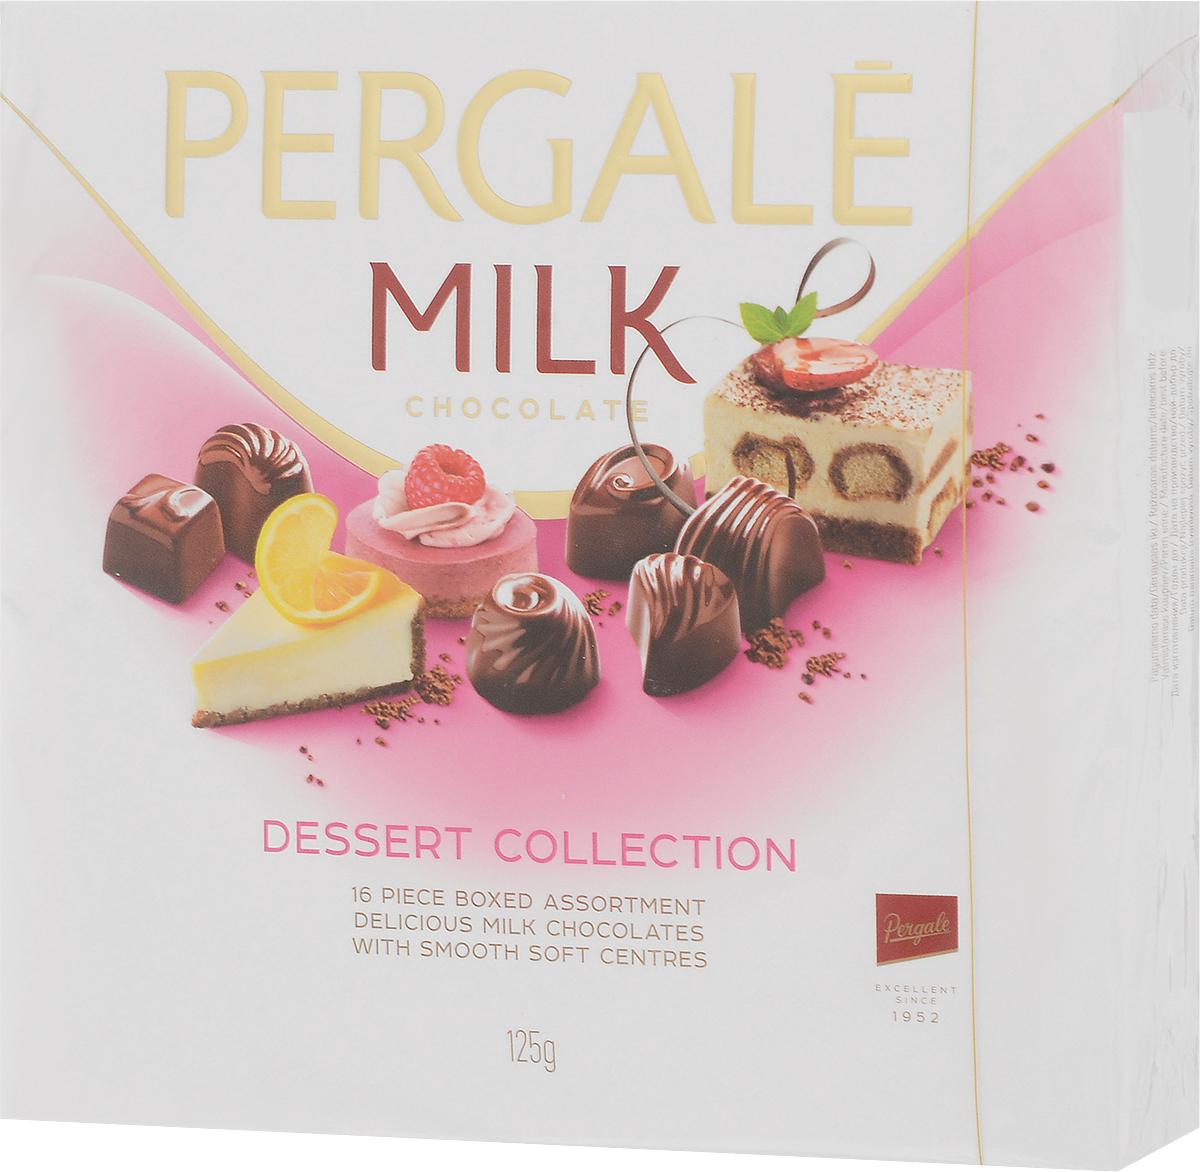 Pergale Набор конфет изысканный десерт, 125 г10738Лидирующая фабрика стран Балтии, кондитерские изделия которой славятся своим качеством и оригинальными рецептами вот уже более 60 лет.Внутри элегантной упаковки находятся шоколадные конфеты с различными нежными начинками, которые позволят насладиться невероятным вкусом конфет.Уважаемые клиенты! Обращаем ваше внимание, что полный перечень состава продукта представлен на дополнительном изображении.